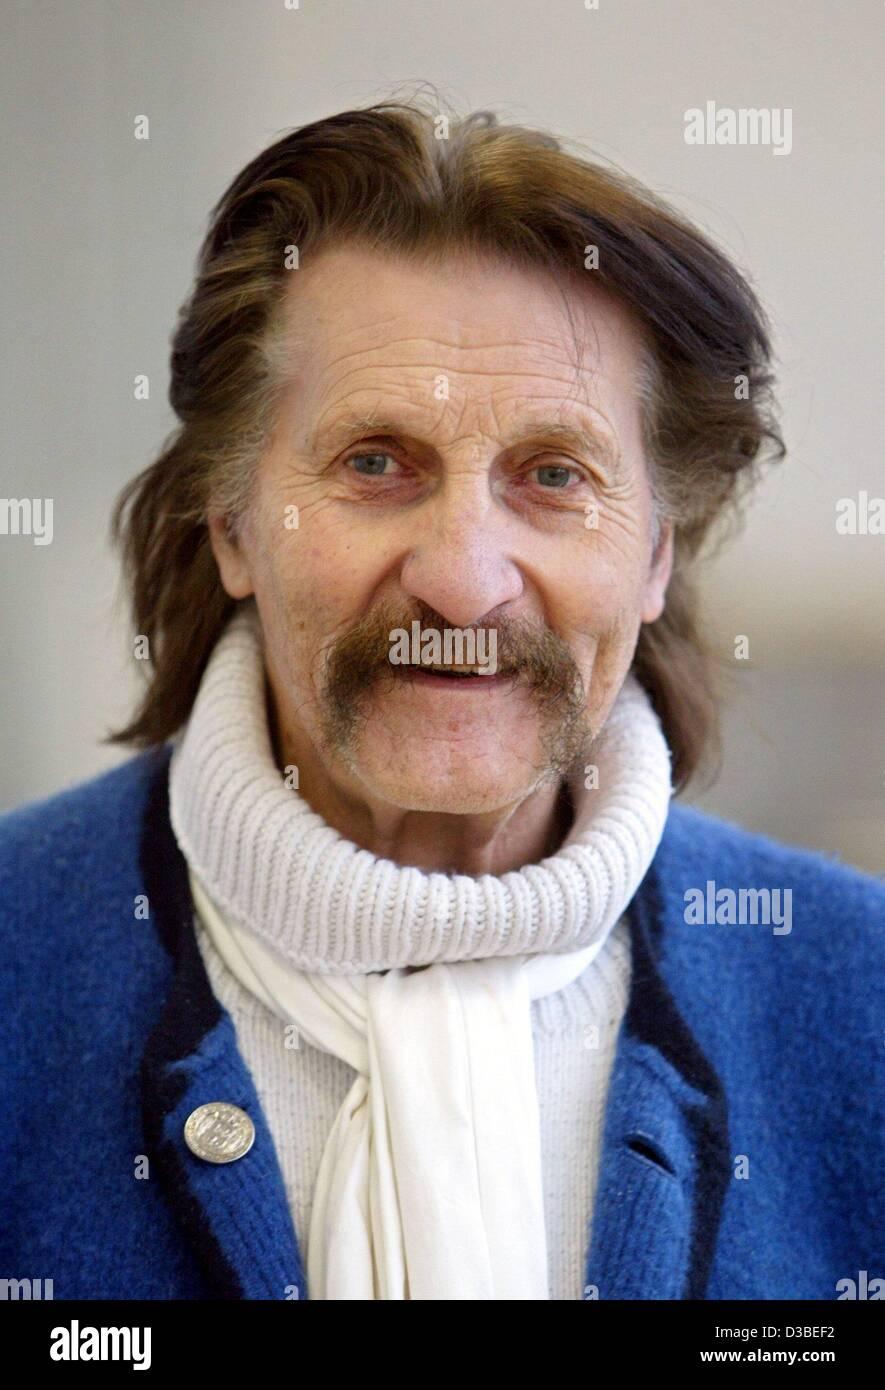 (Dpa) - Diseñador Industrial Luigi Colani, retratada en su taller en Karlsruhe, Alemania, 13 de enero de 2003. Imagen De Stock